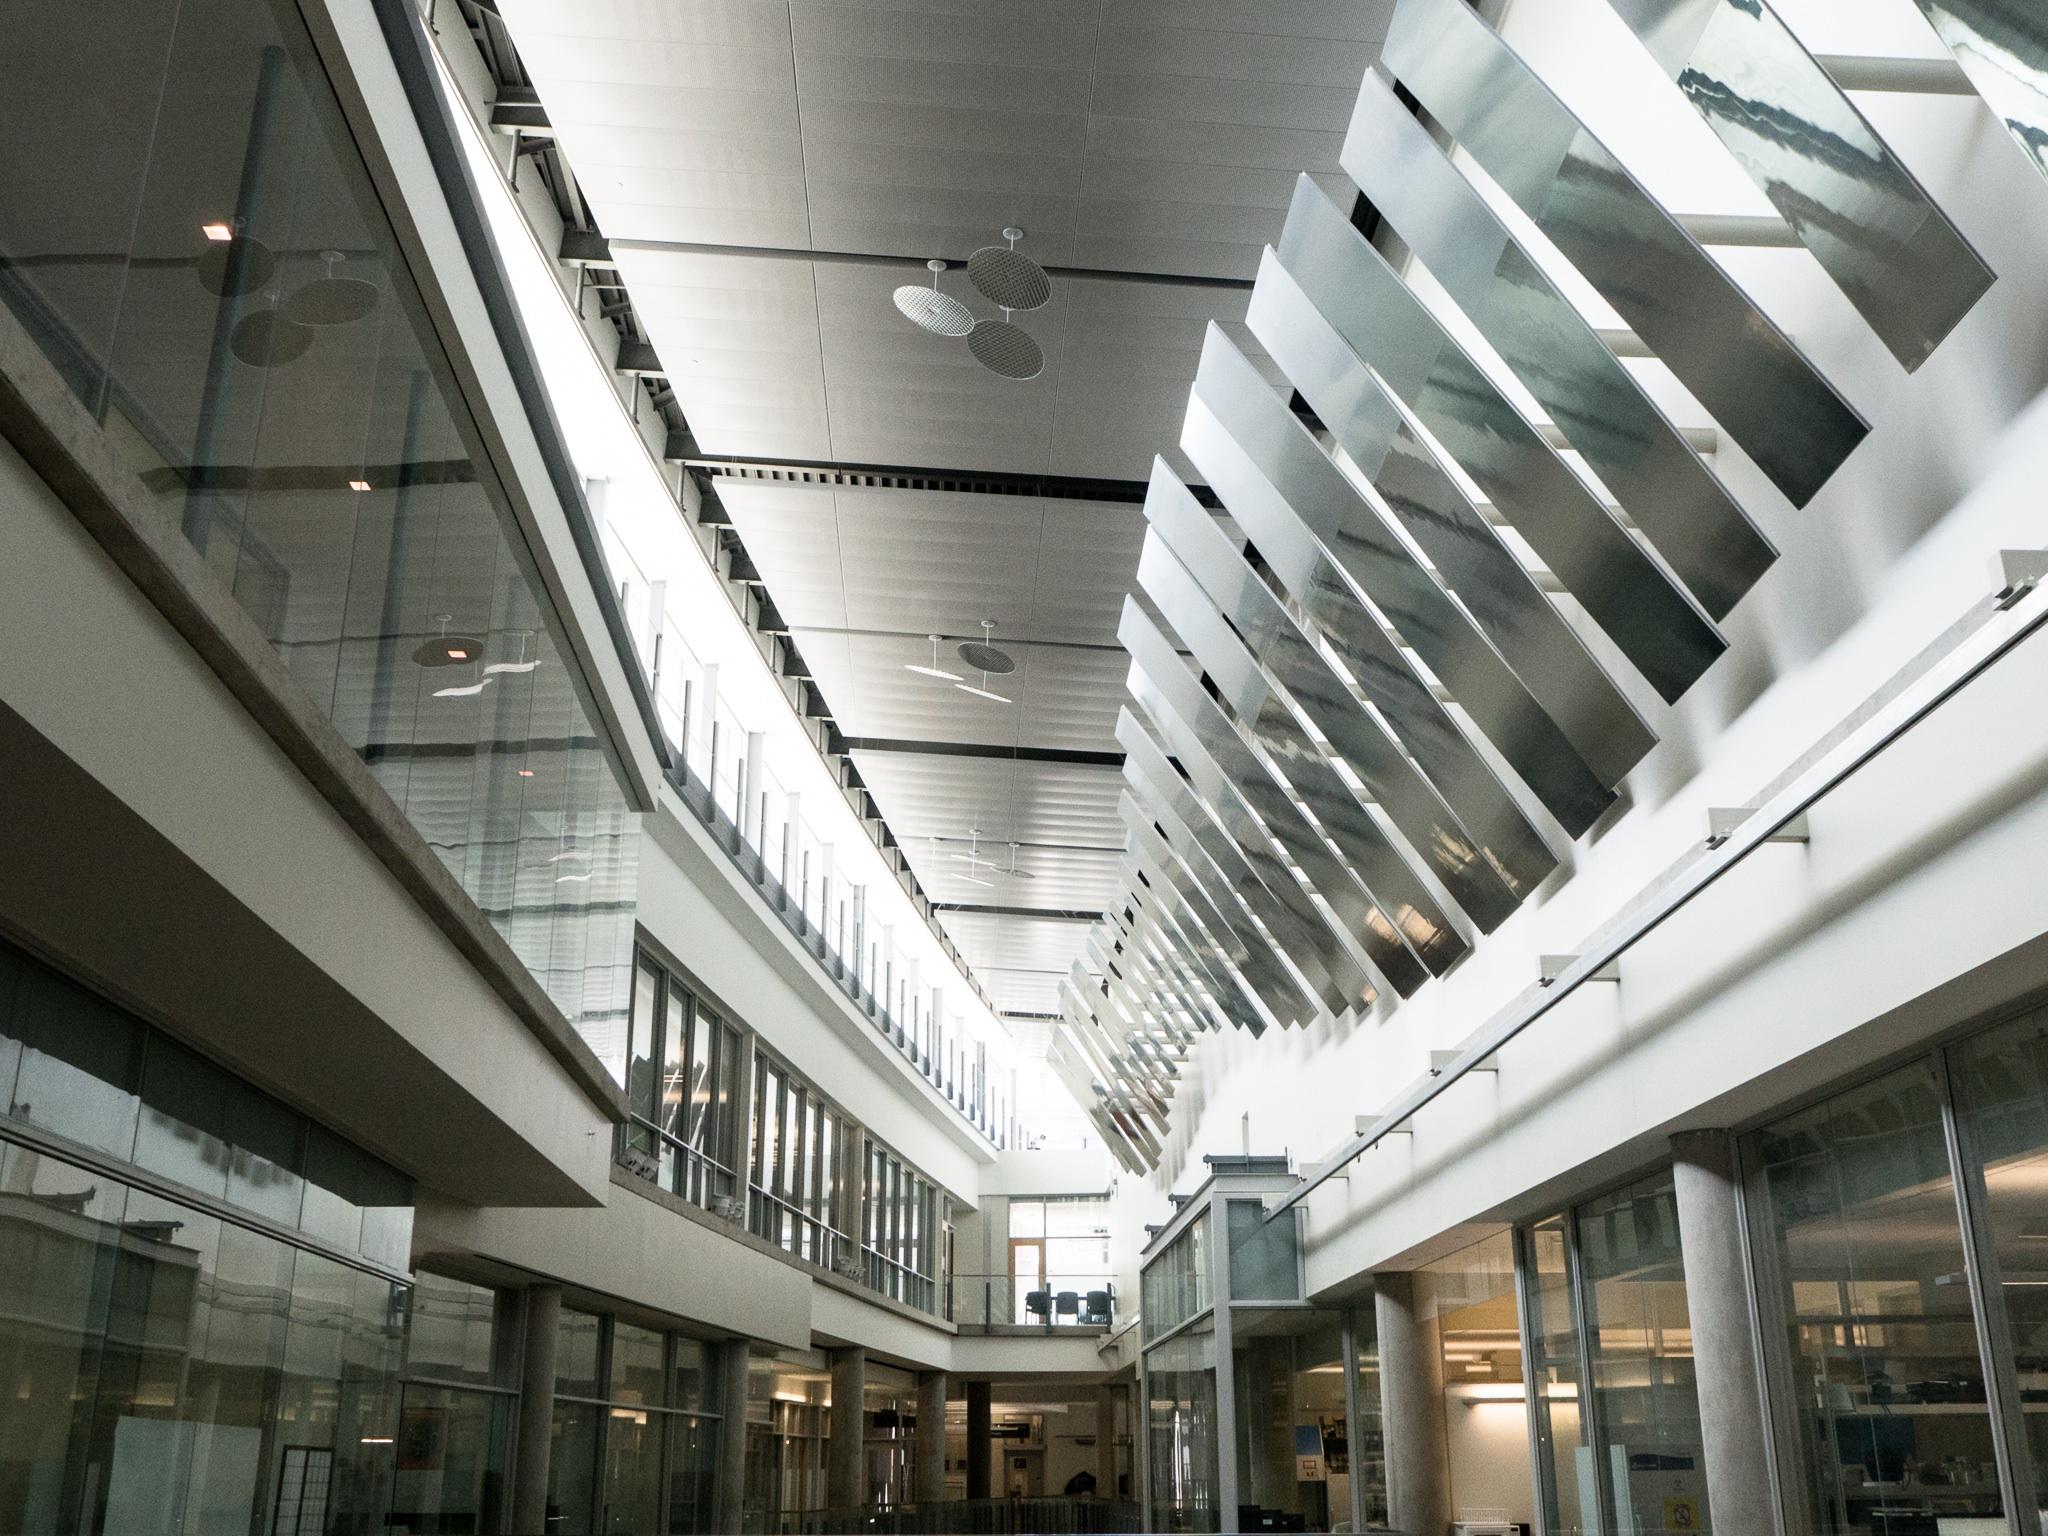 Fotos gratis arquitectura edificio techo transporte p blico dise o de interiores terminal - Arquitectura en diseno de interiores ...